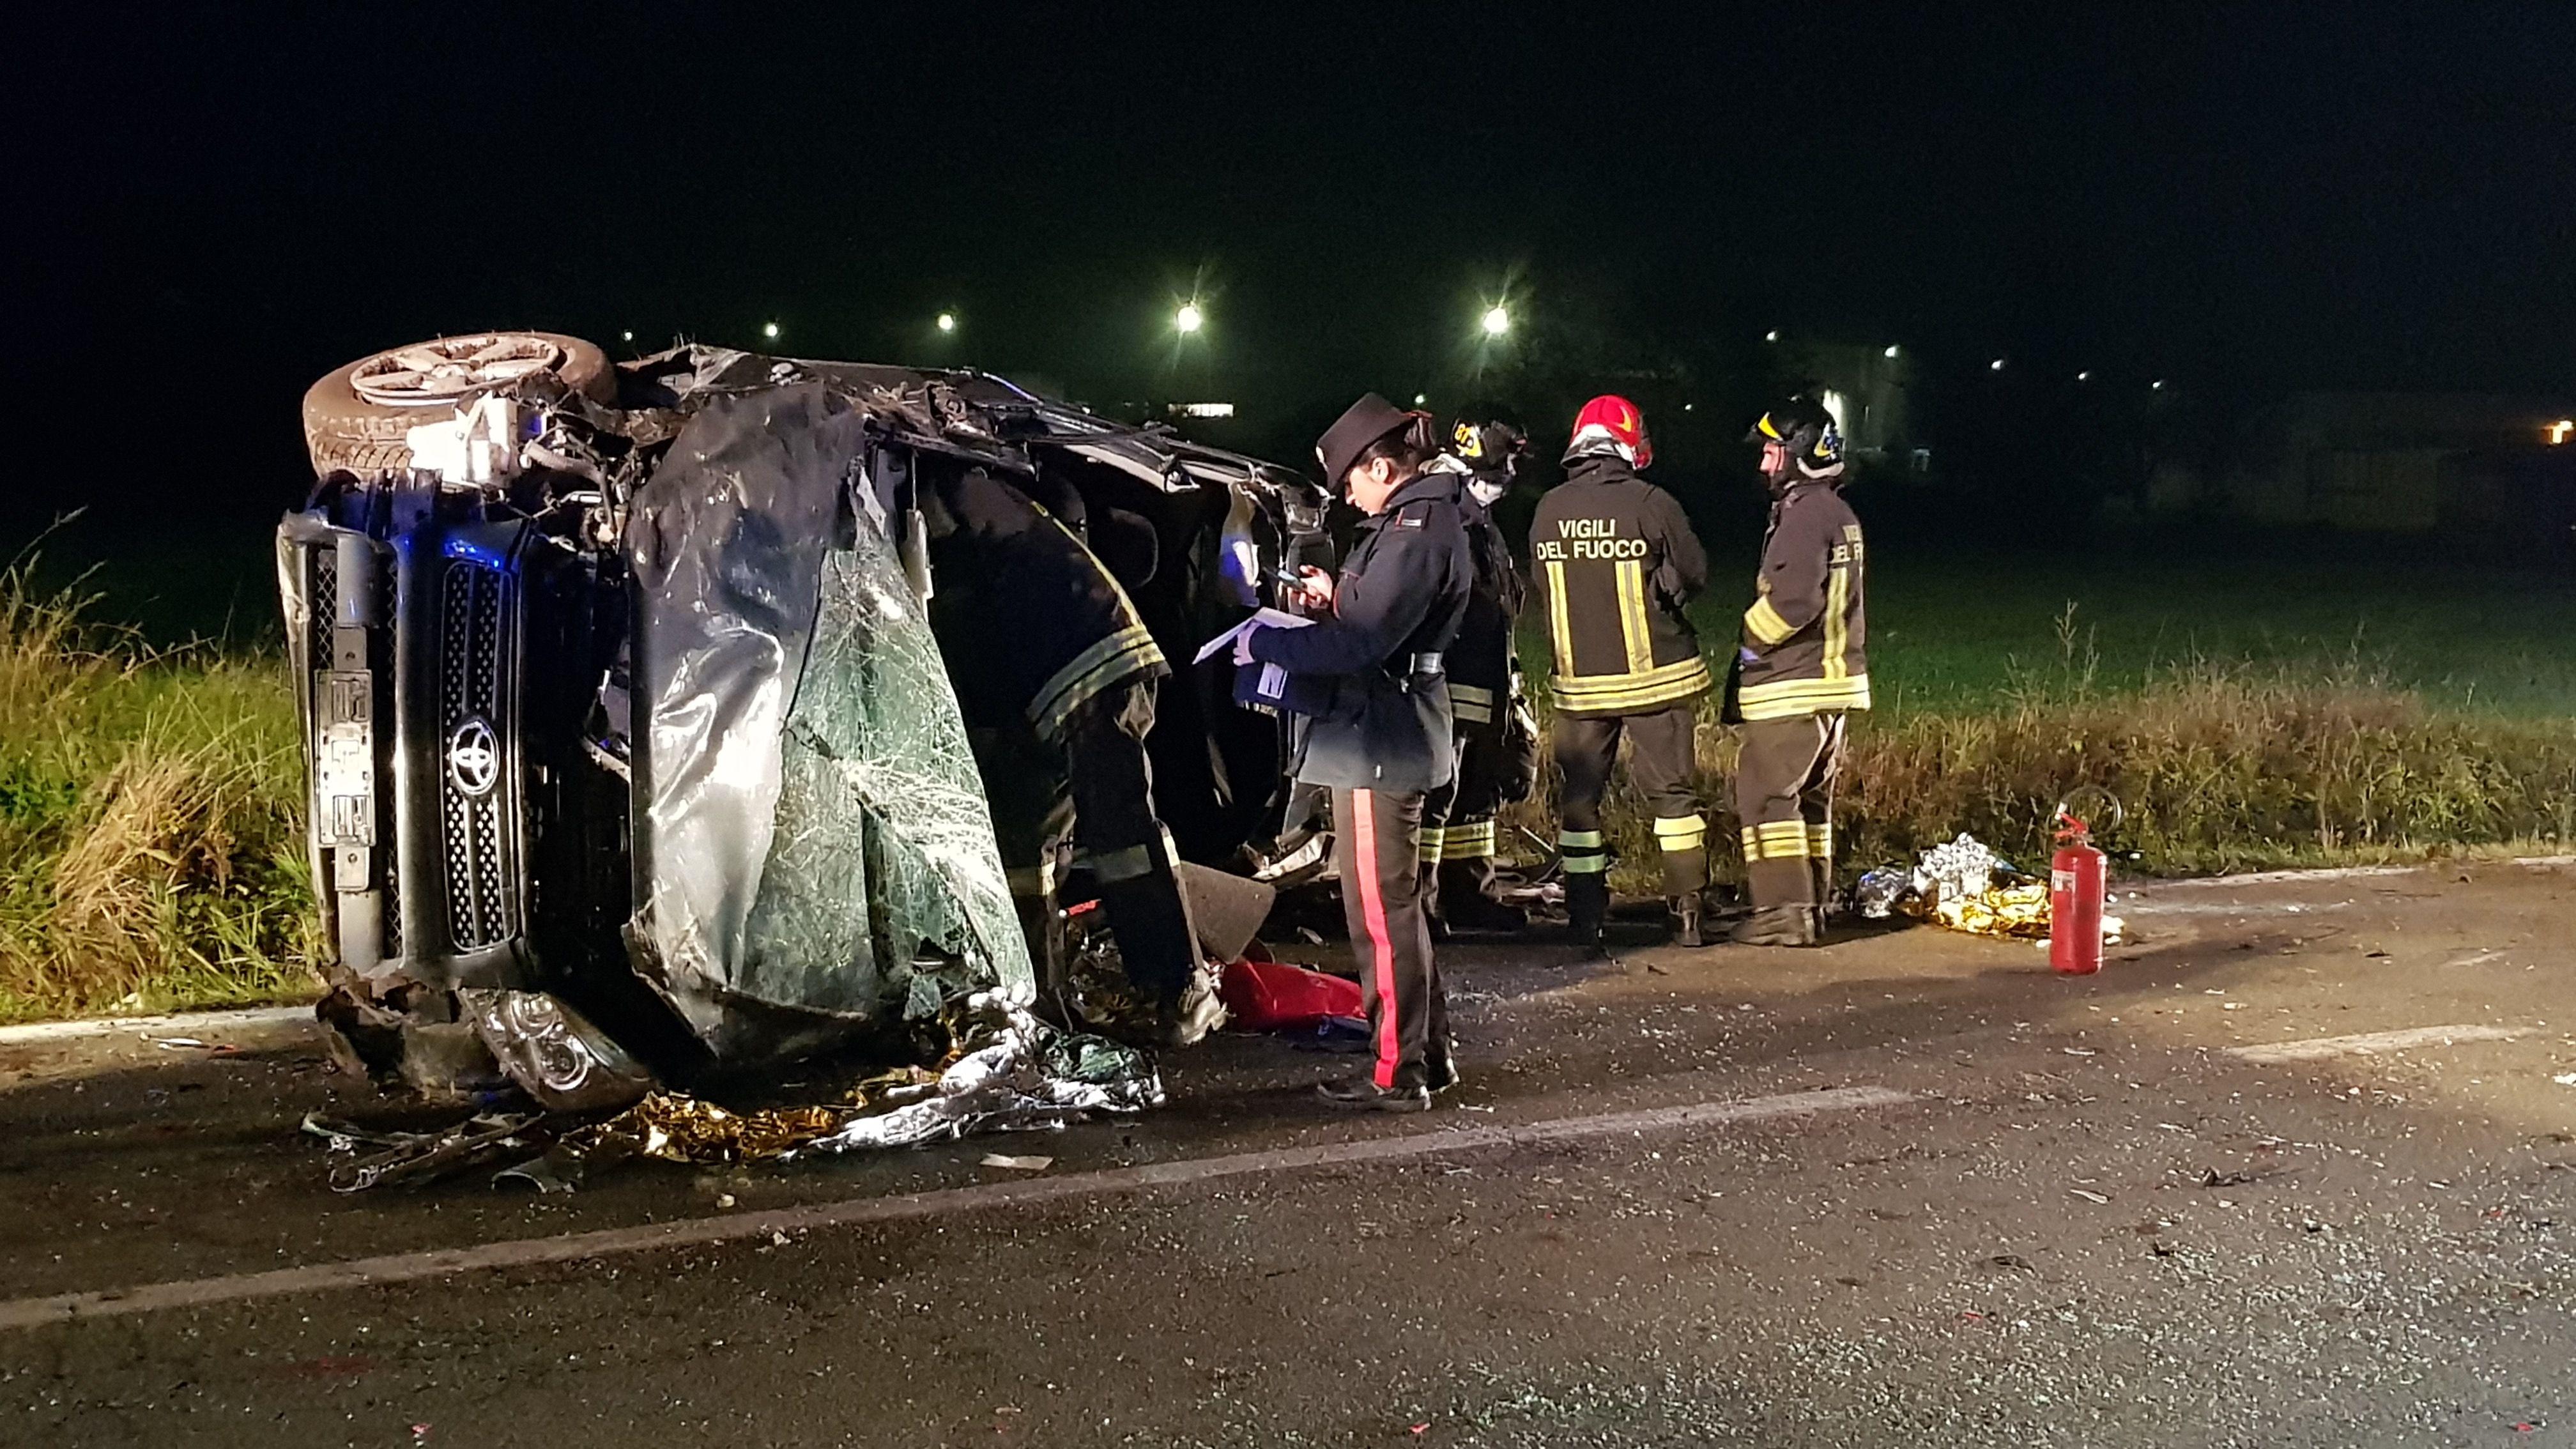 BALDISSERO-CASTELLAMONTE - Spaventoso incidente sulla provinciale 222: una donna ferita - FOTO E VIDEO